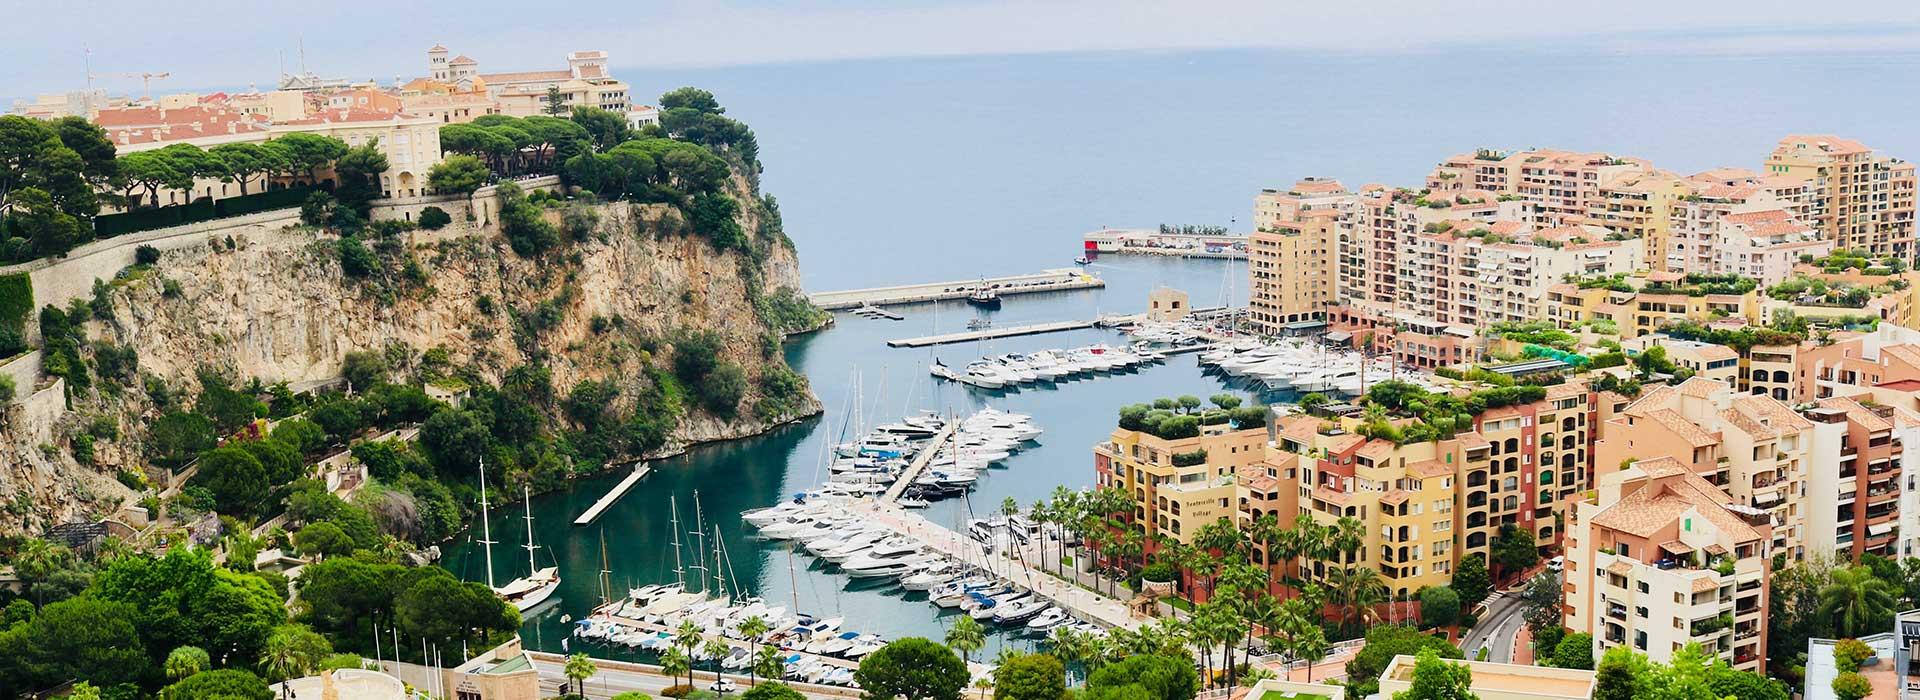 Trips To Monaco